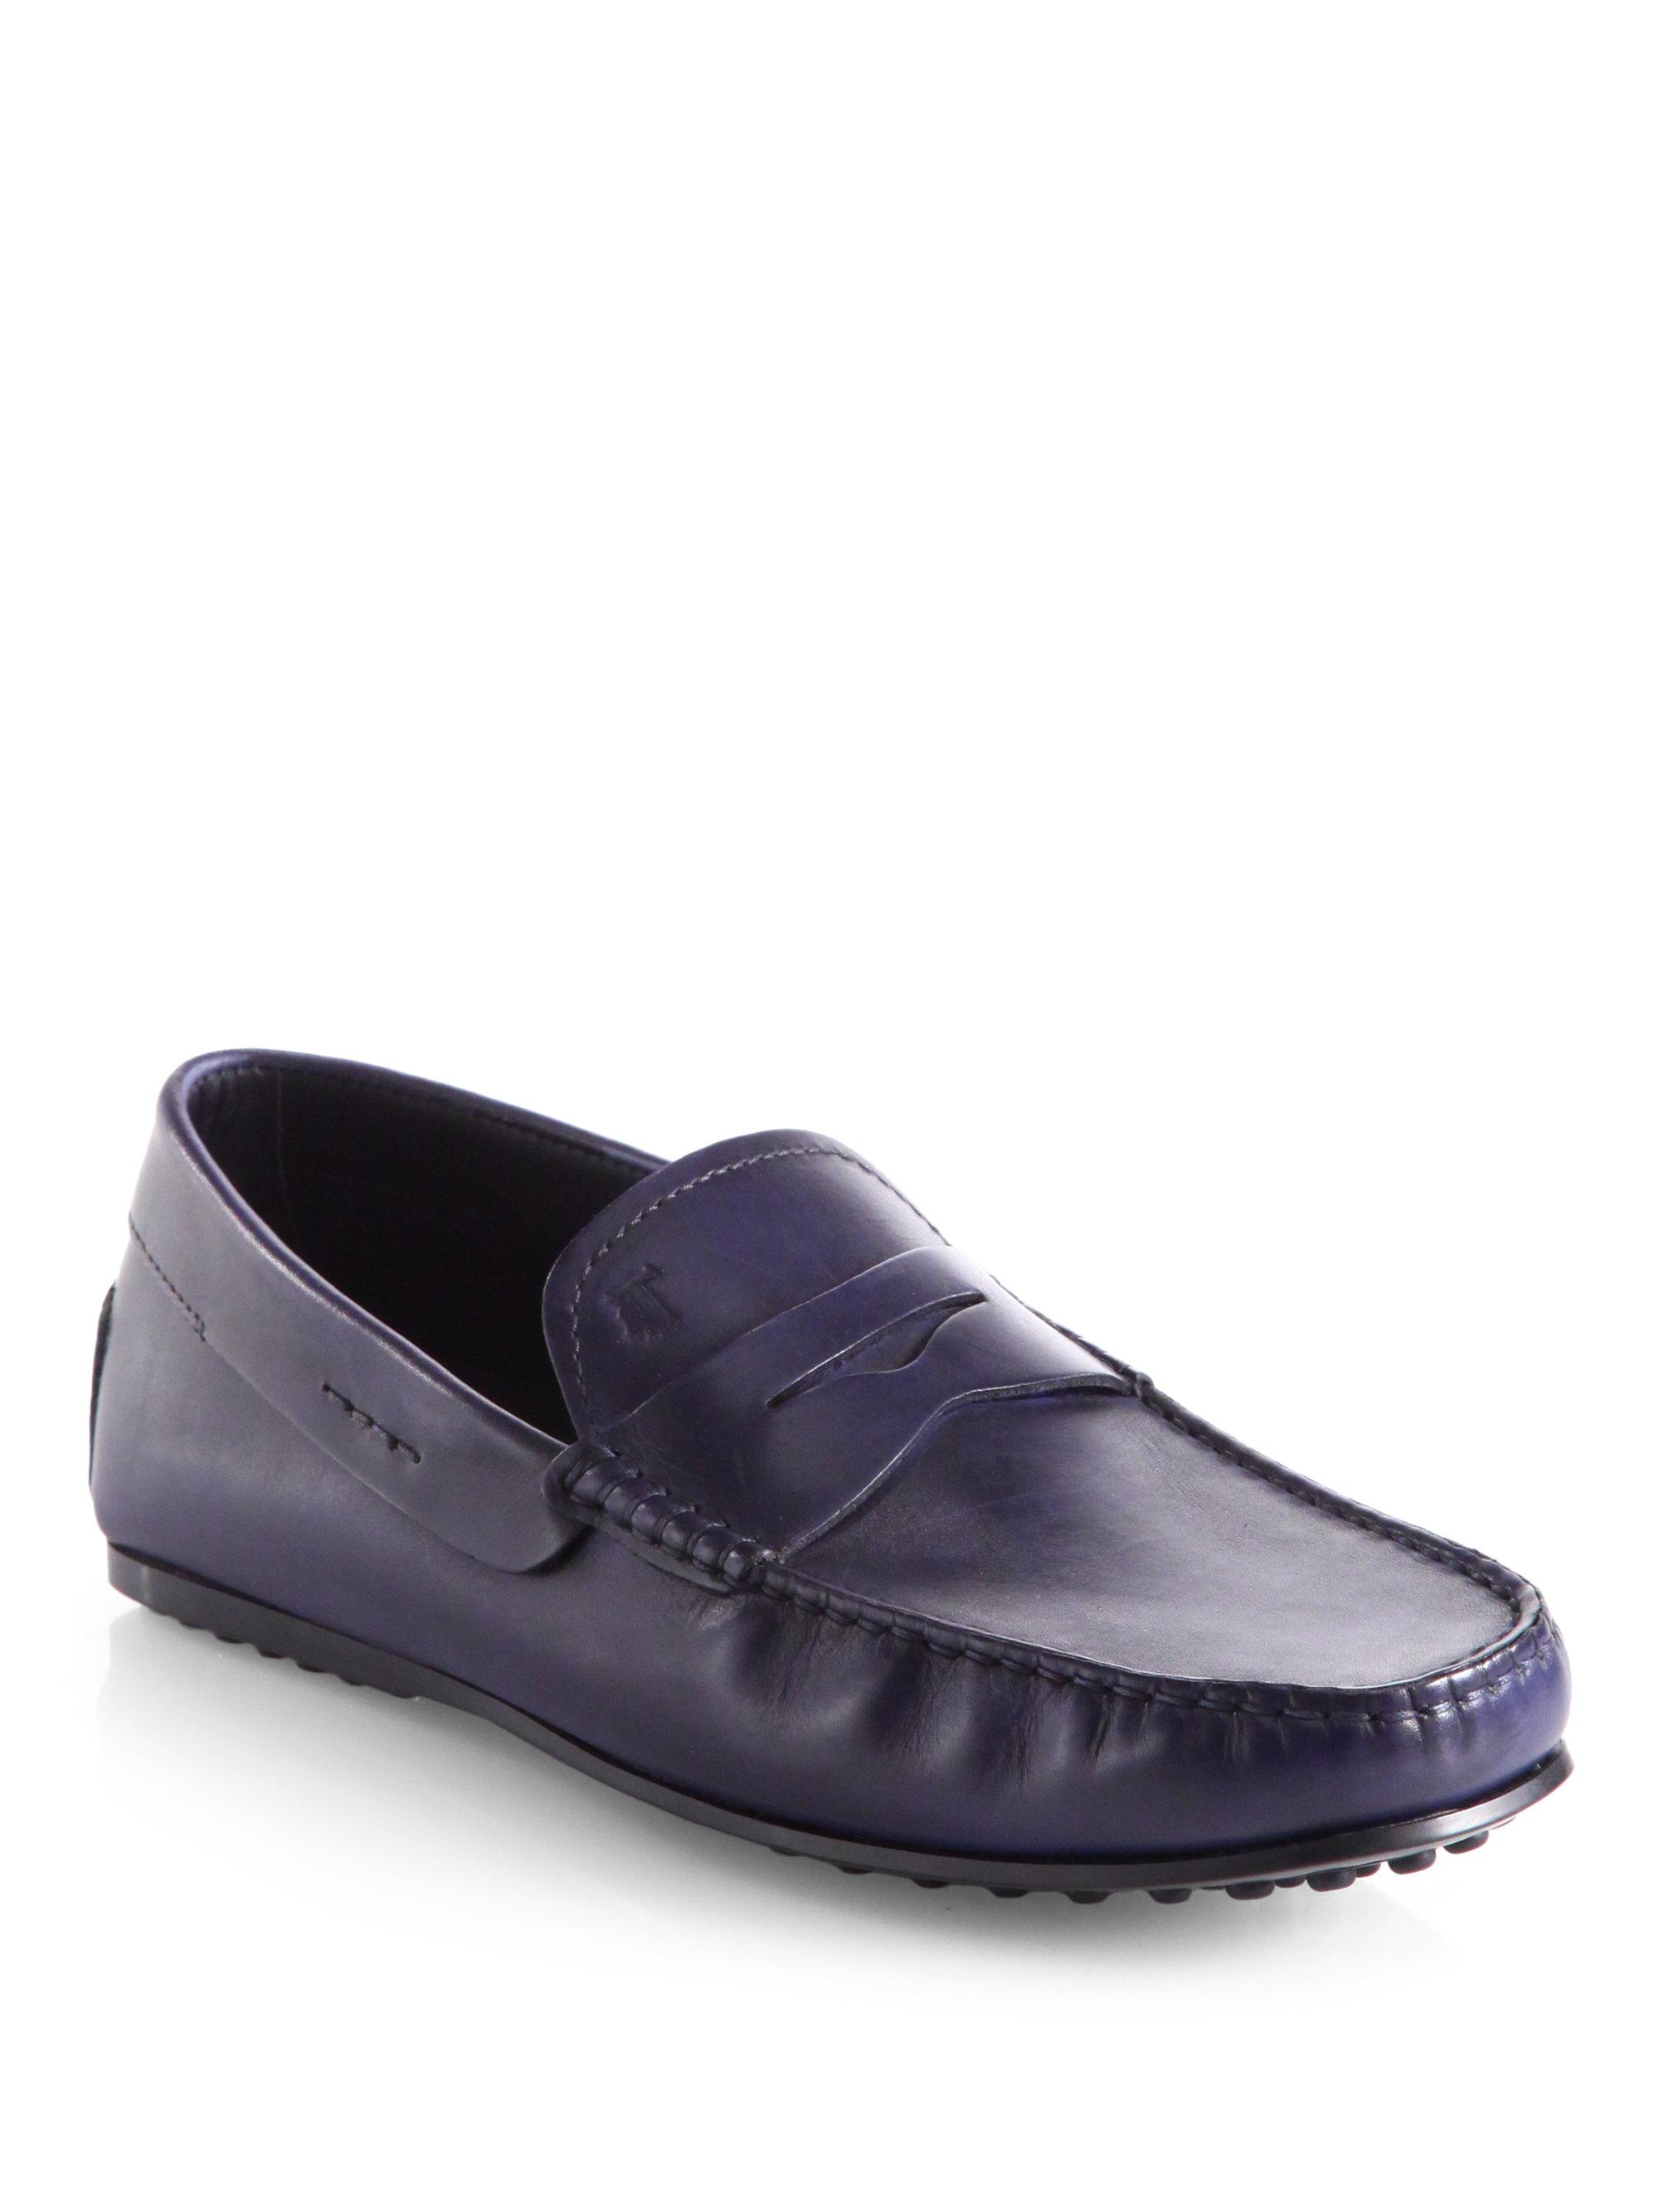 Rockport Men S Shoes A